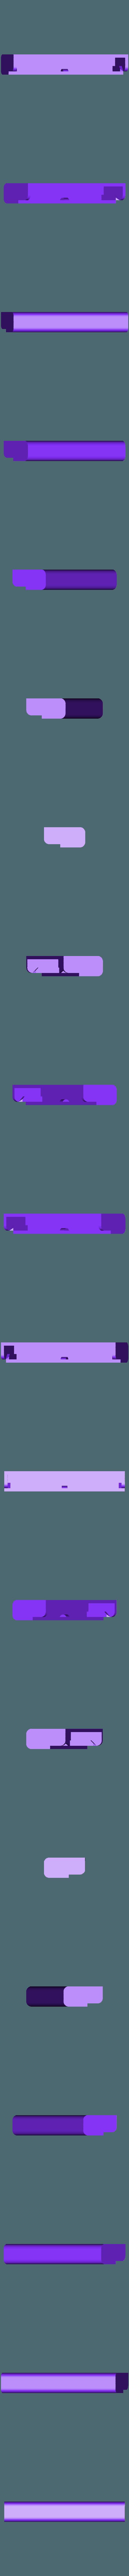 GilletteCap_NoLogo.stl Télécharger fichier STL gratuit Couverture de lame de rasoir pour le rasoir Gillette Mach 3 Sensitive Power • Plan pour imprimante 3D, Milan_Gajic